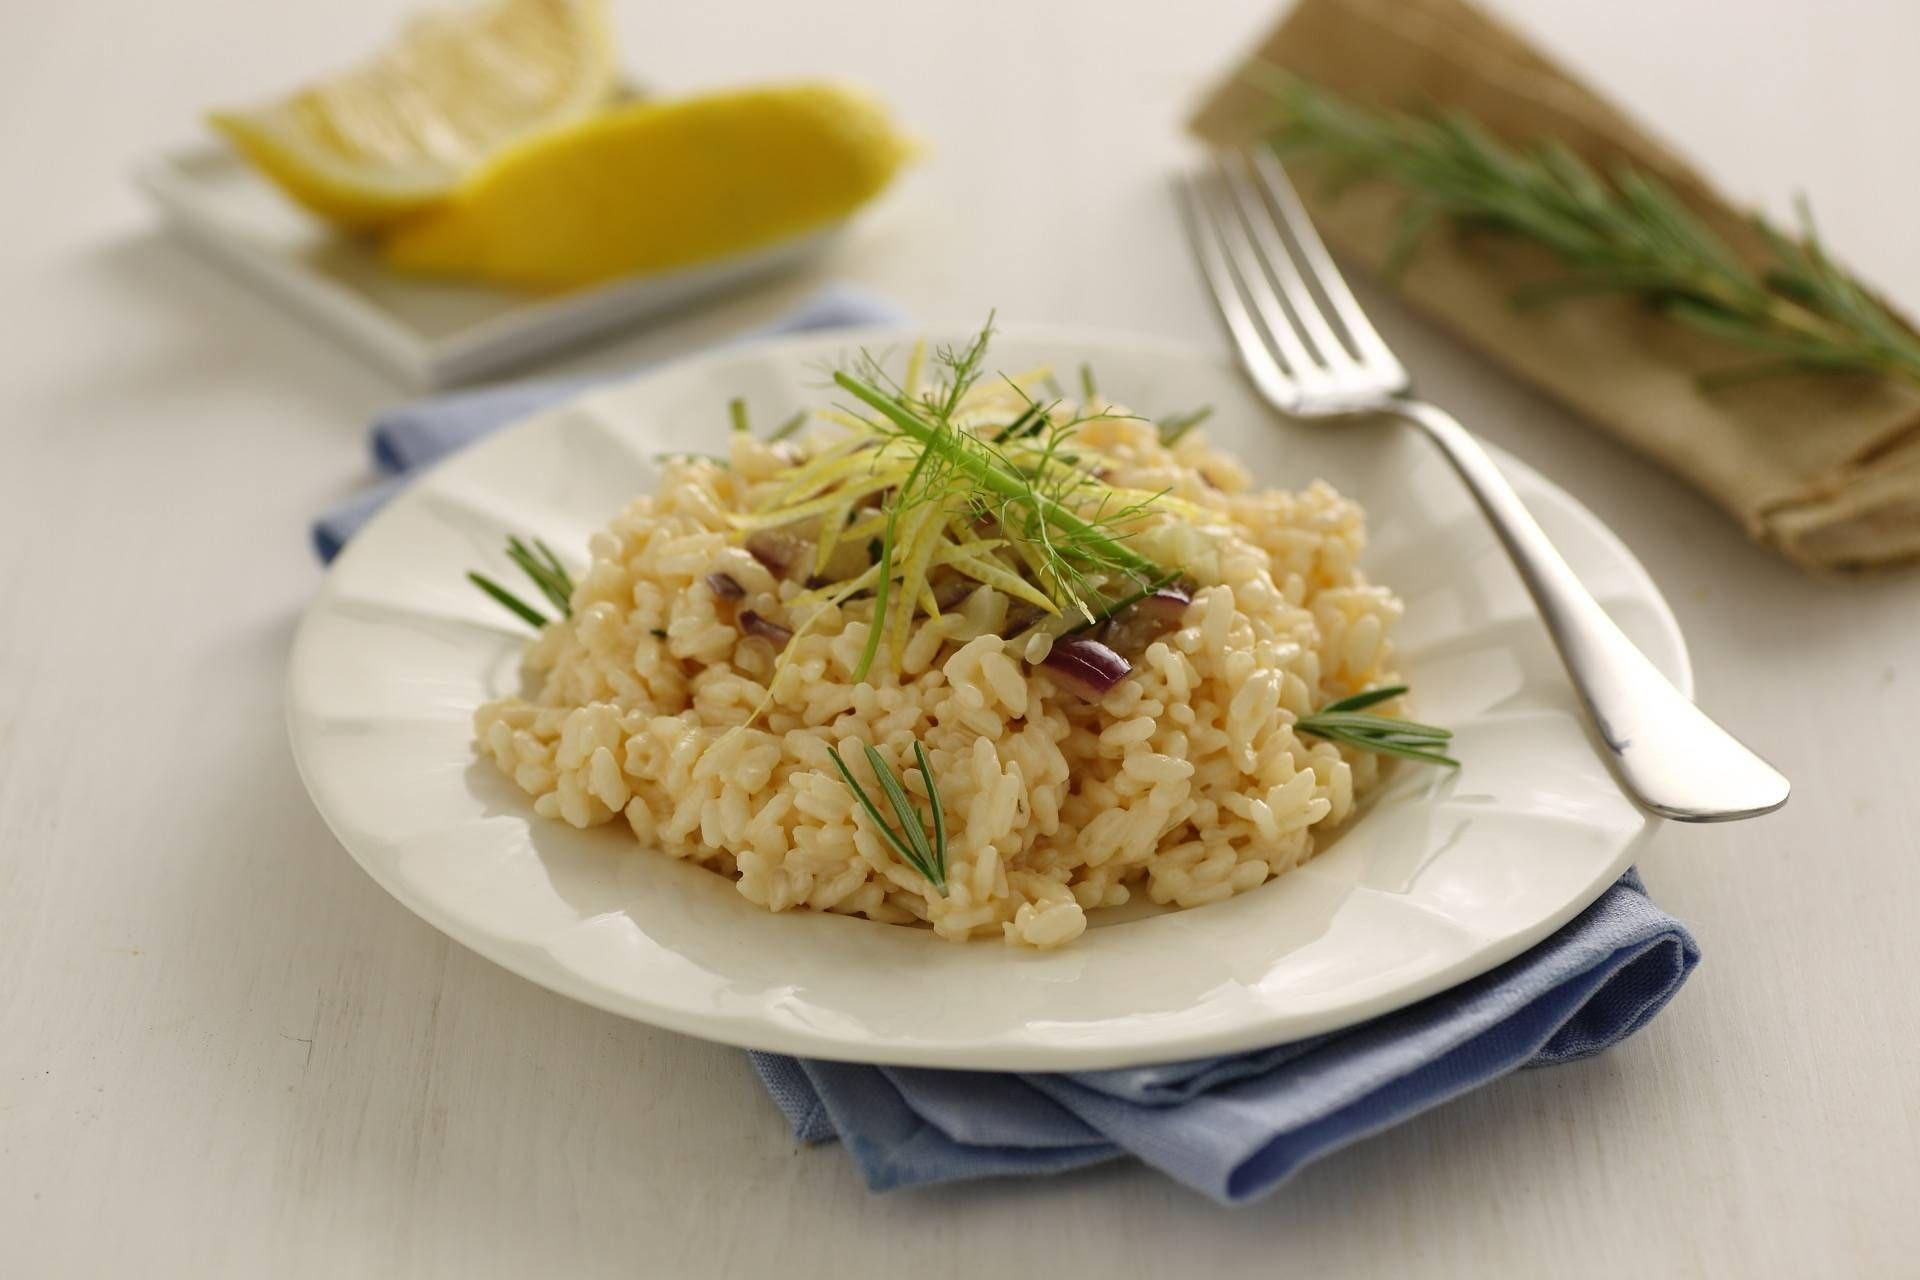 Risotto finocchi e panna al salmone - Parmalat